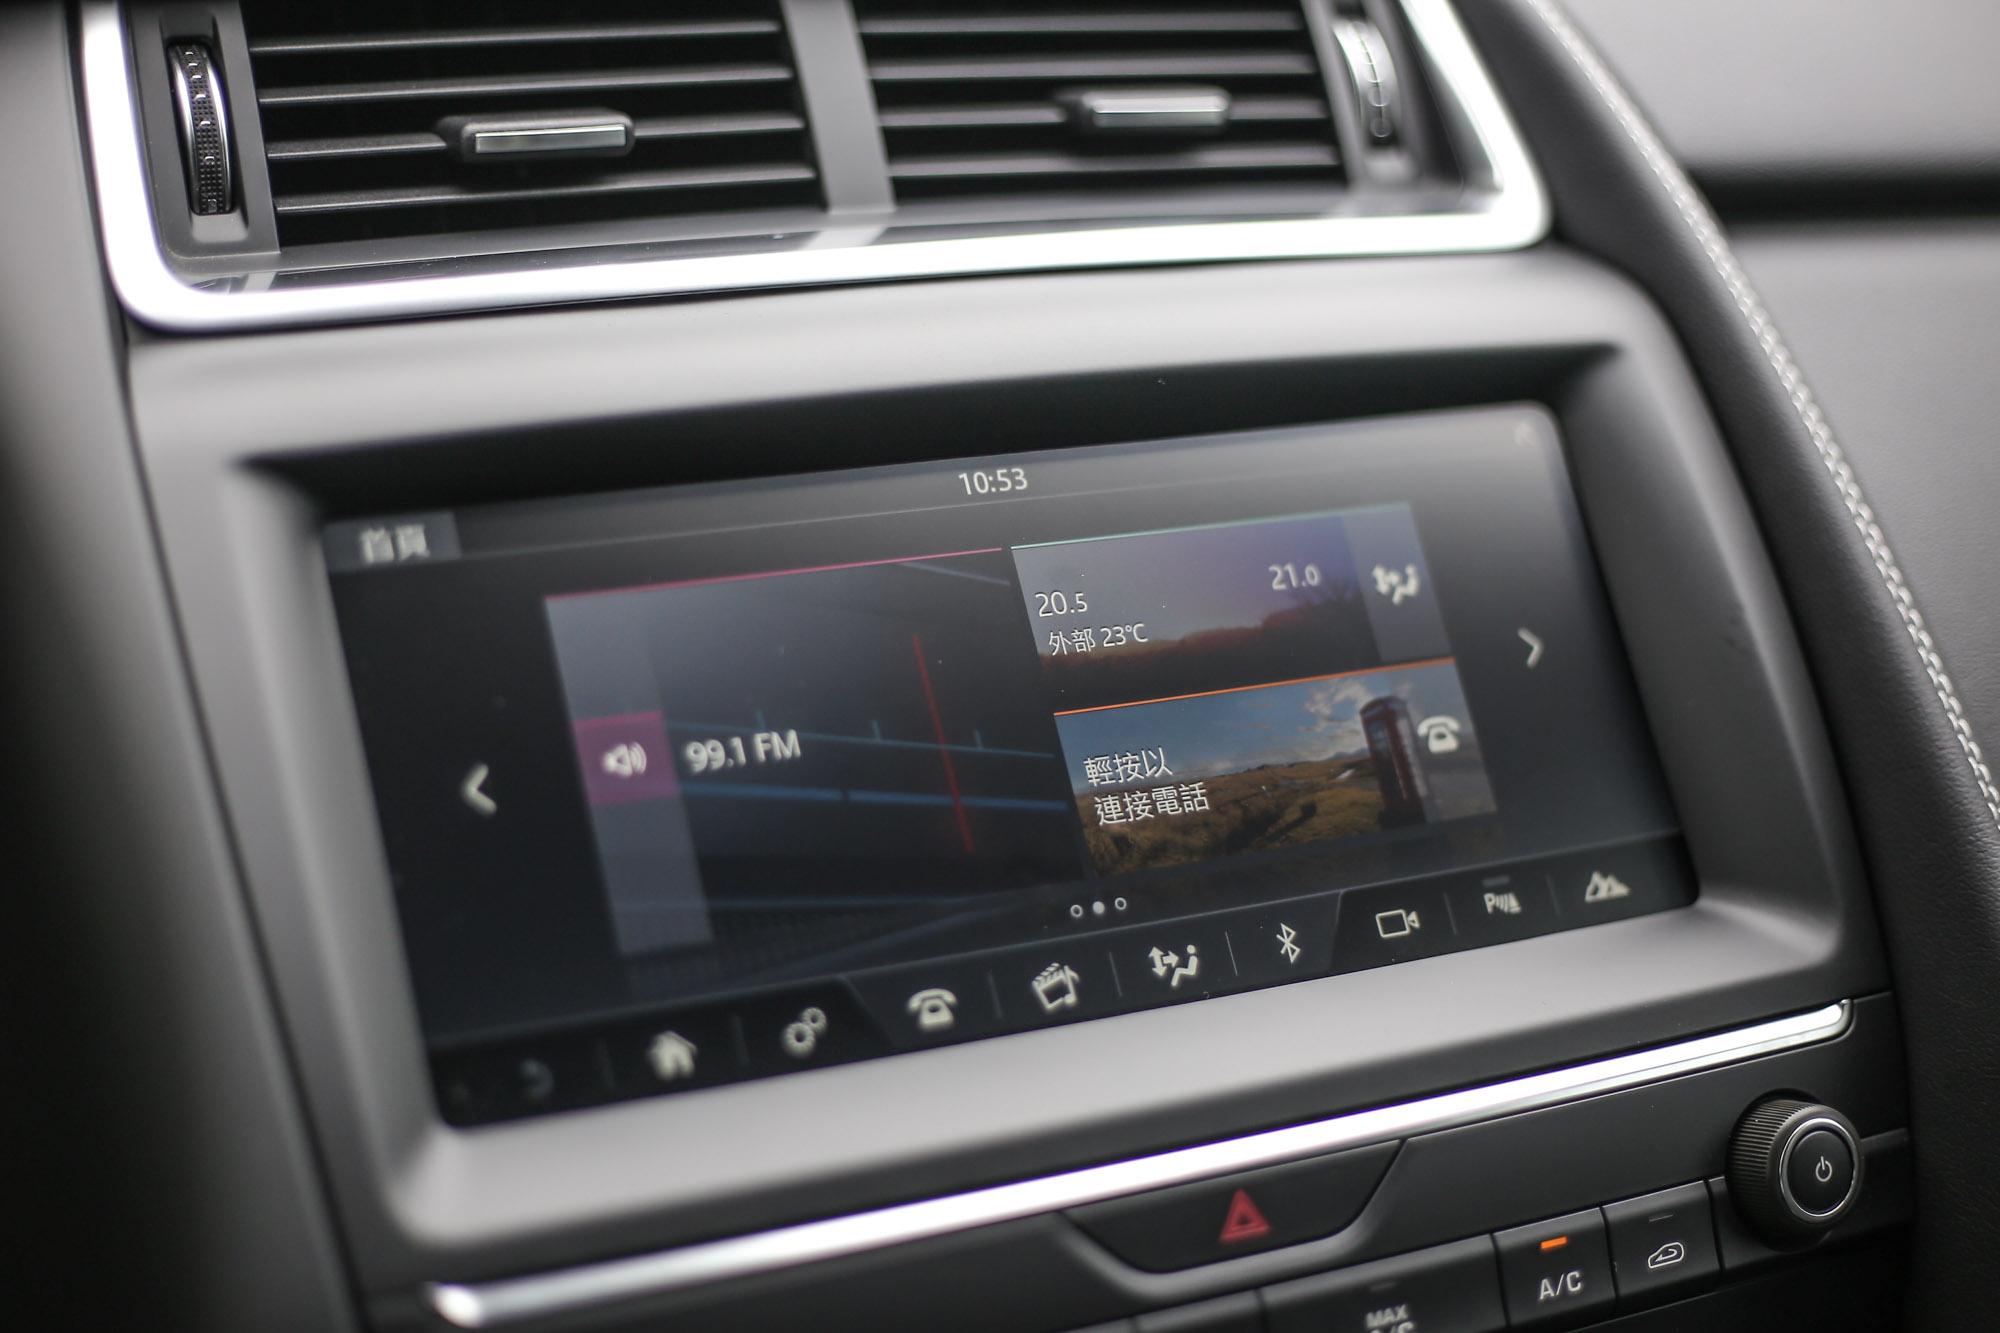 中控台標配10 Touch Pro智慧多媒體觸控時顯示幕,要到206萬元的P250 S車型以上才配備原廠導航,至於Apple CarPlay此類的手機整合系統則列為全車系選配項目。